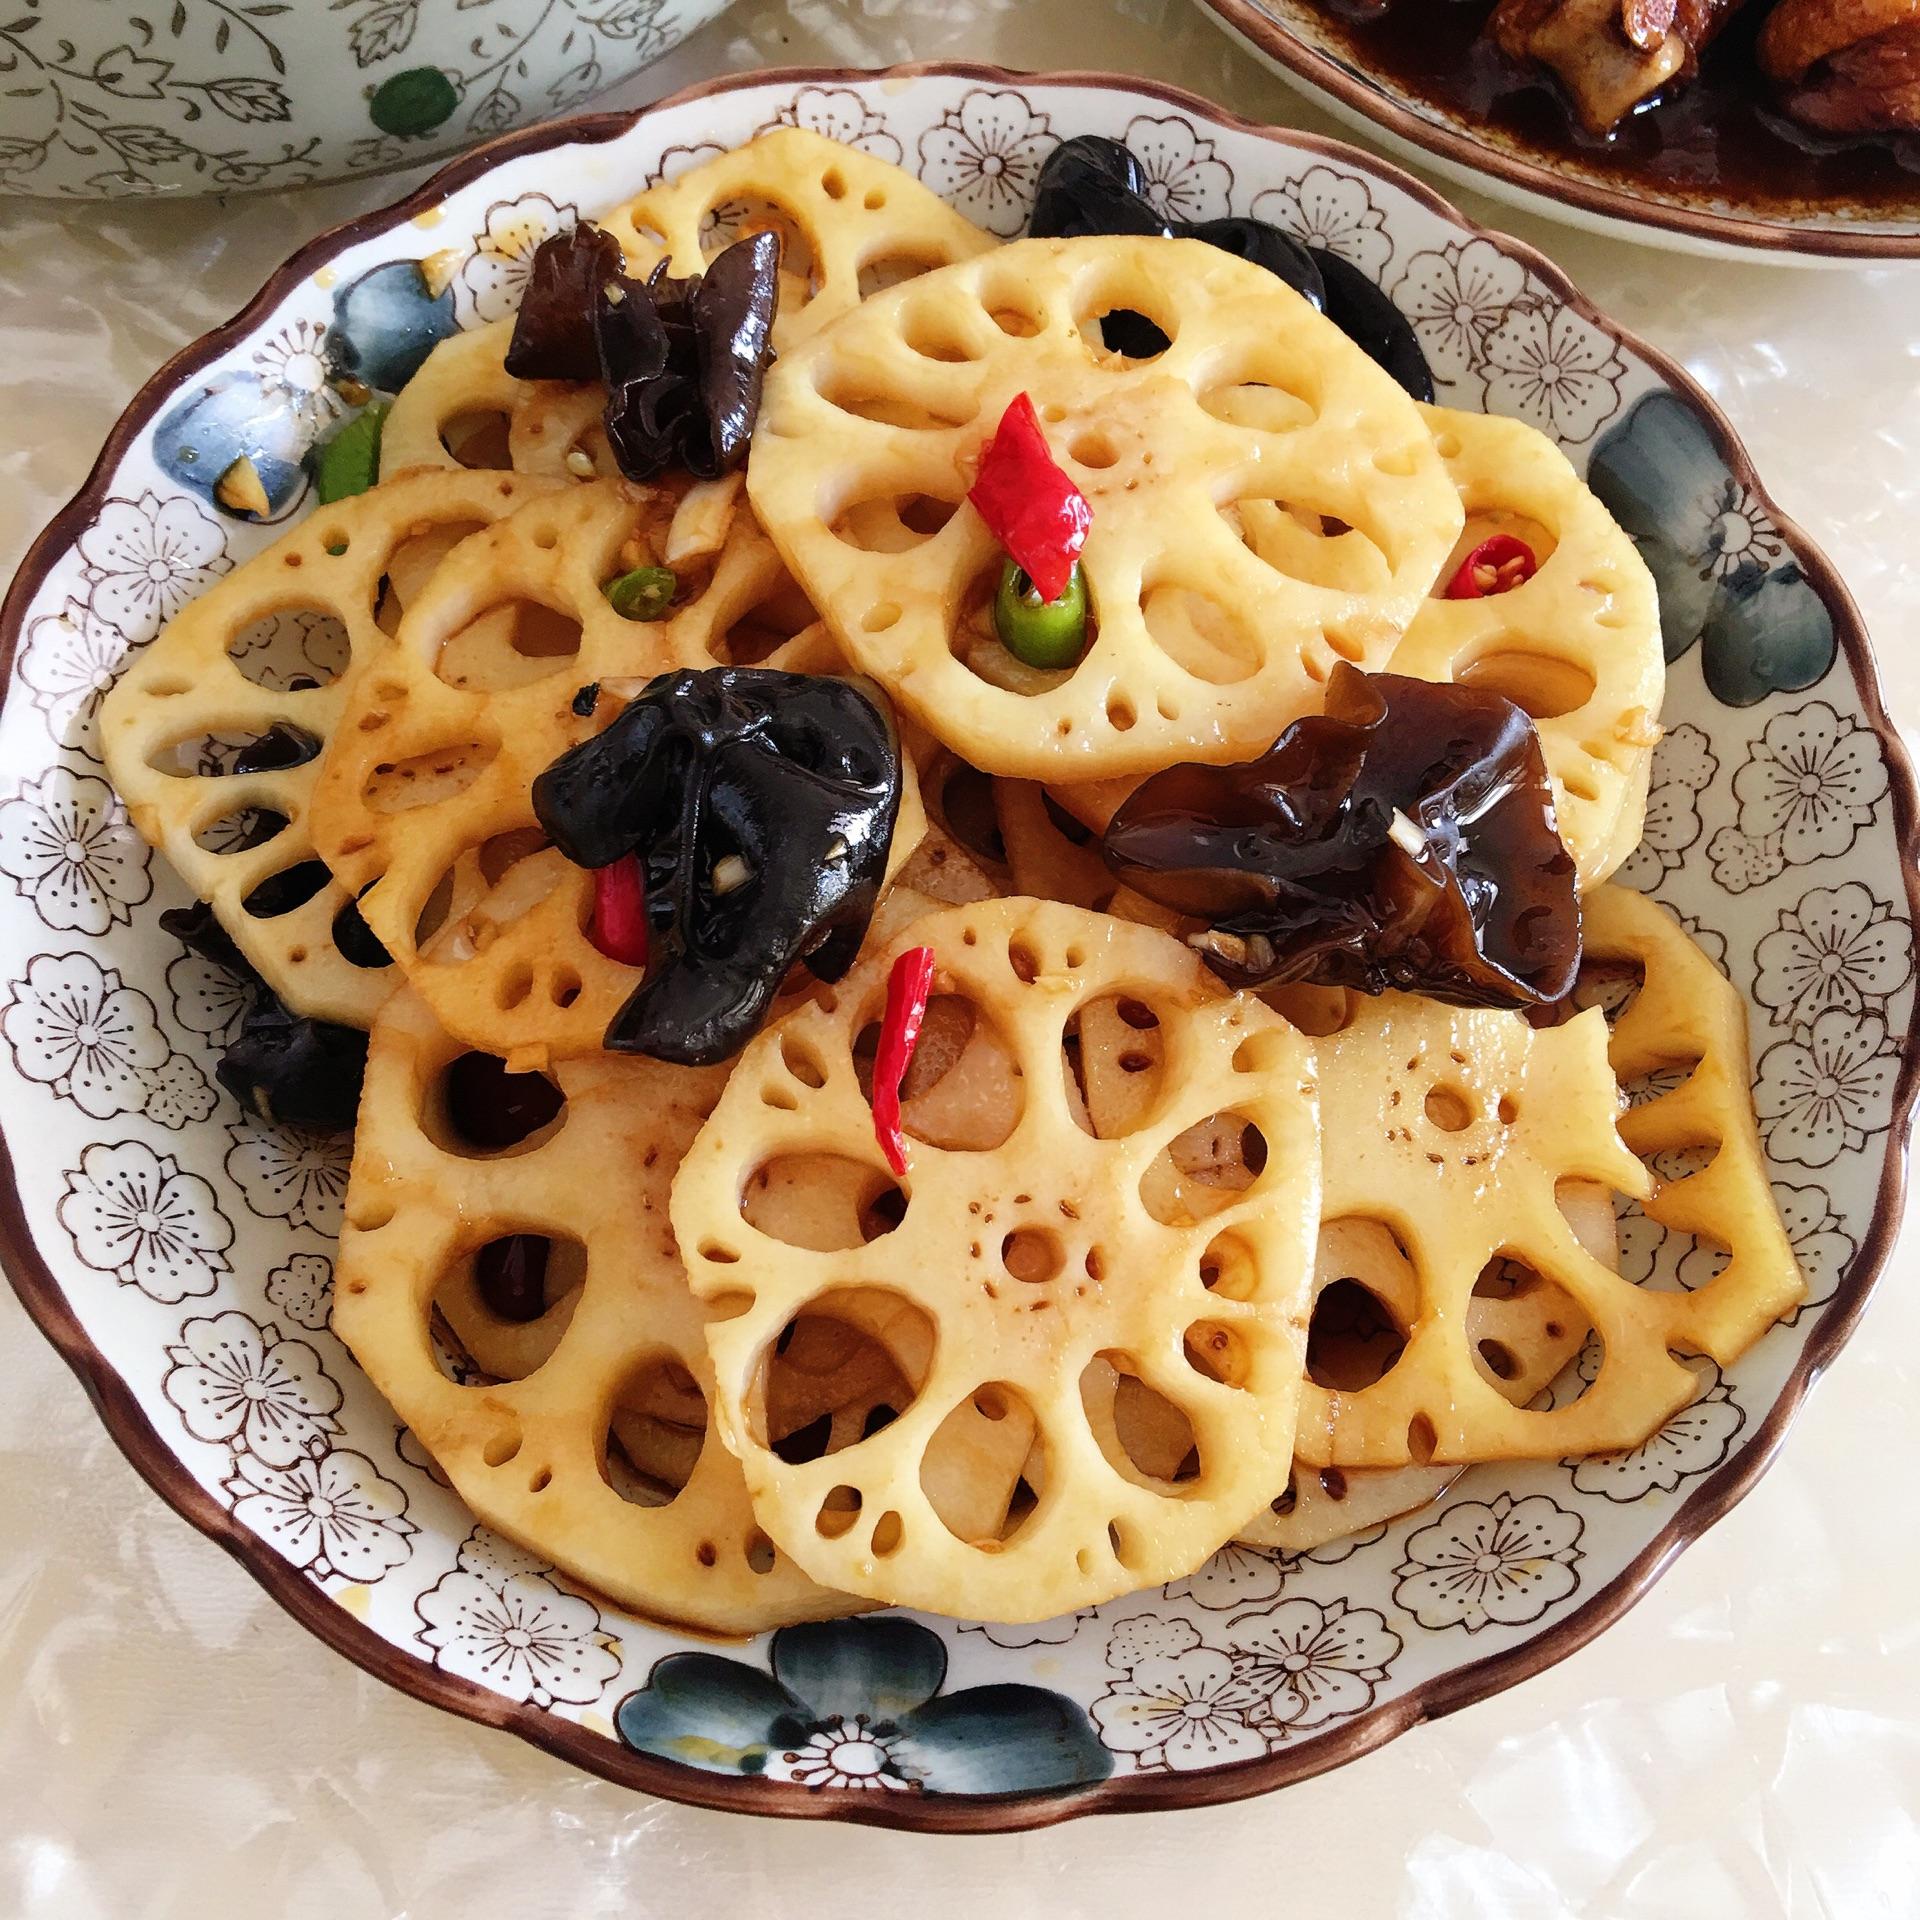 红烧藕片的做法步骤图,红烧藕片怎么做好吃